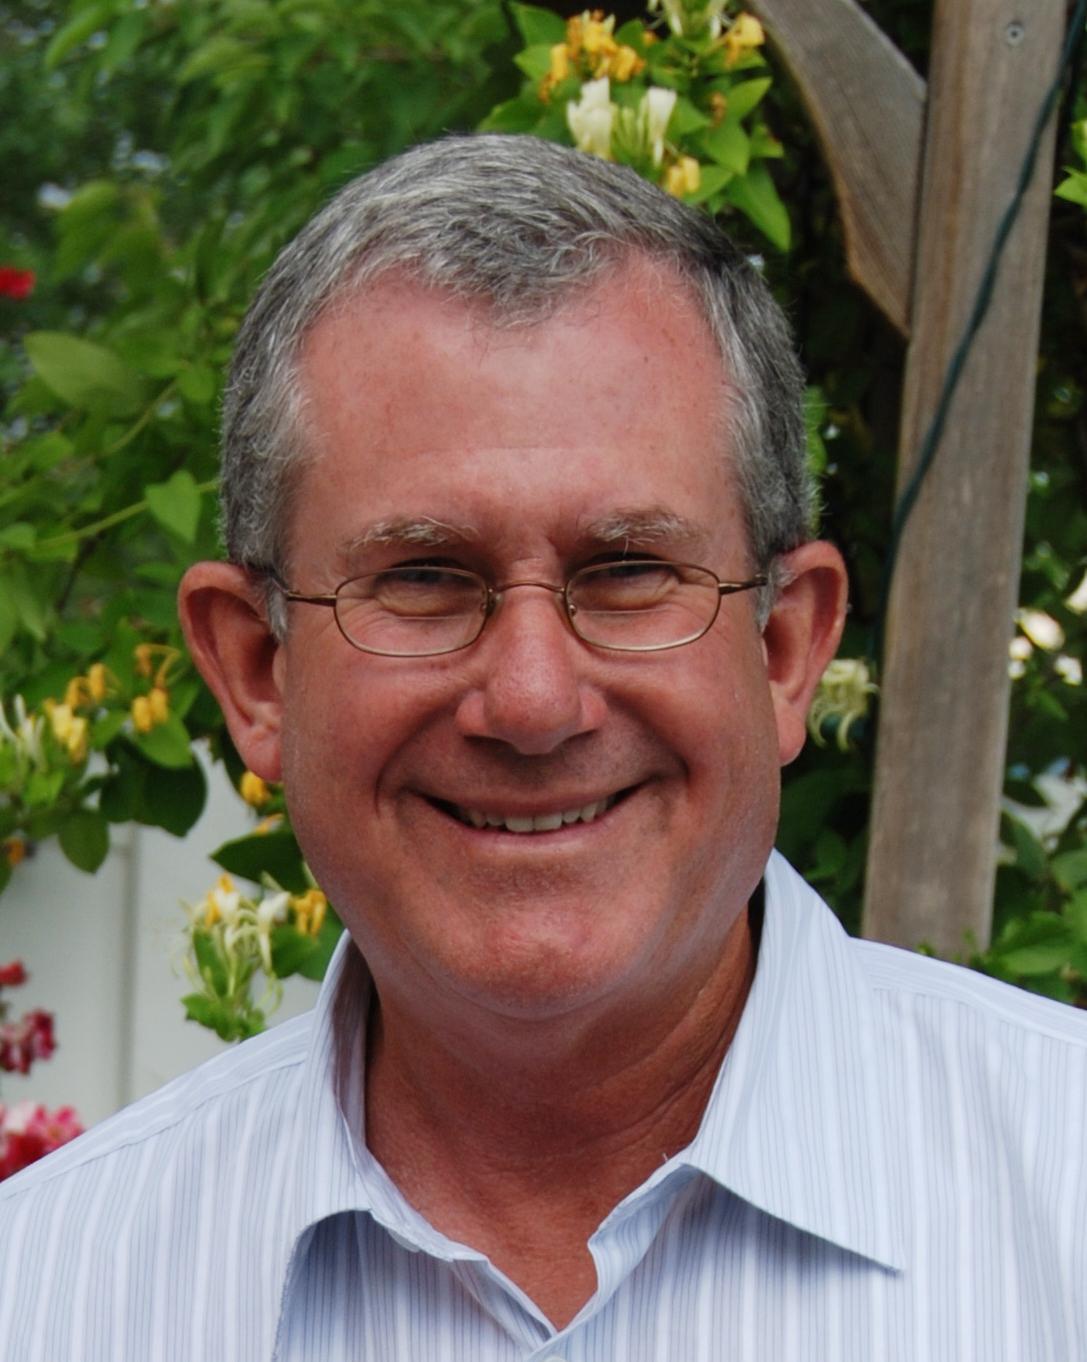 Roger Platt